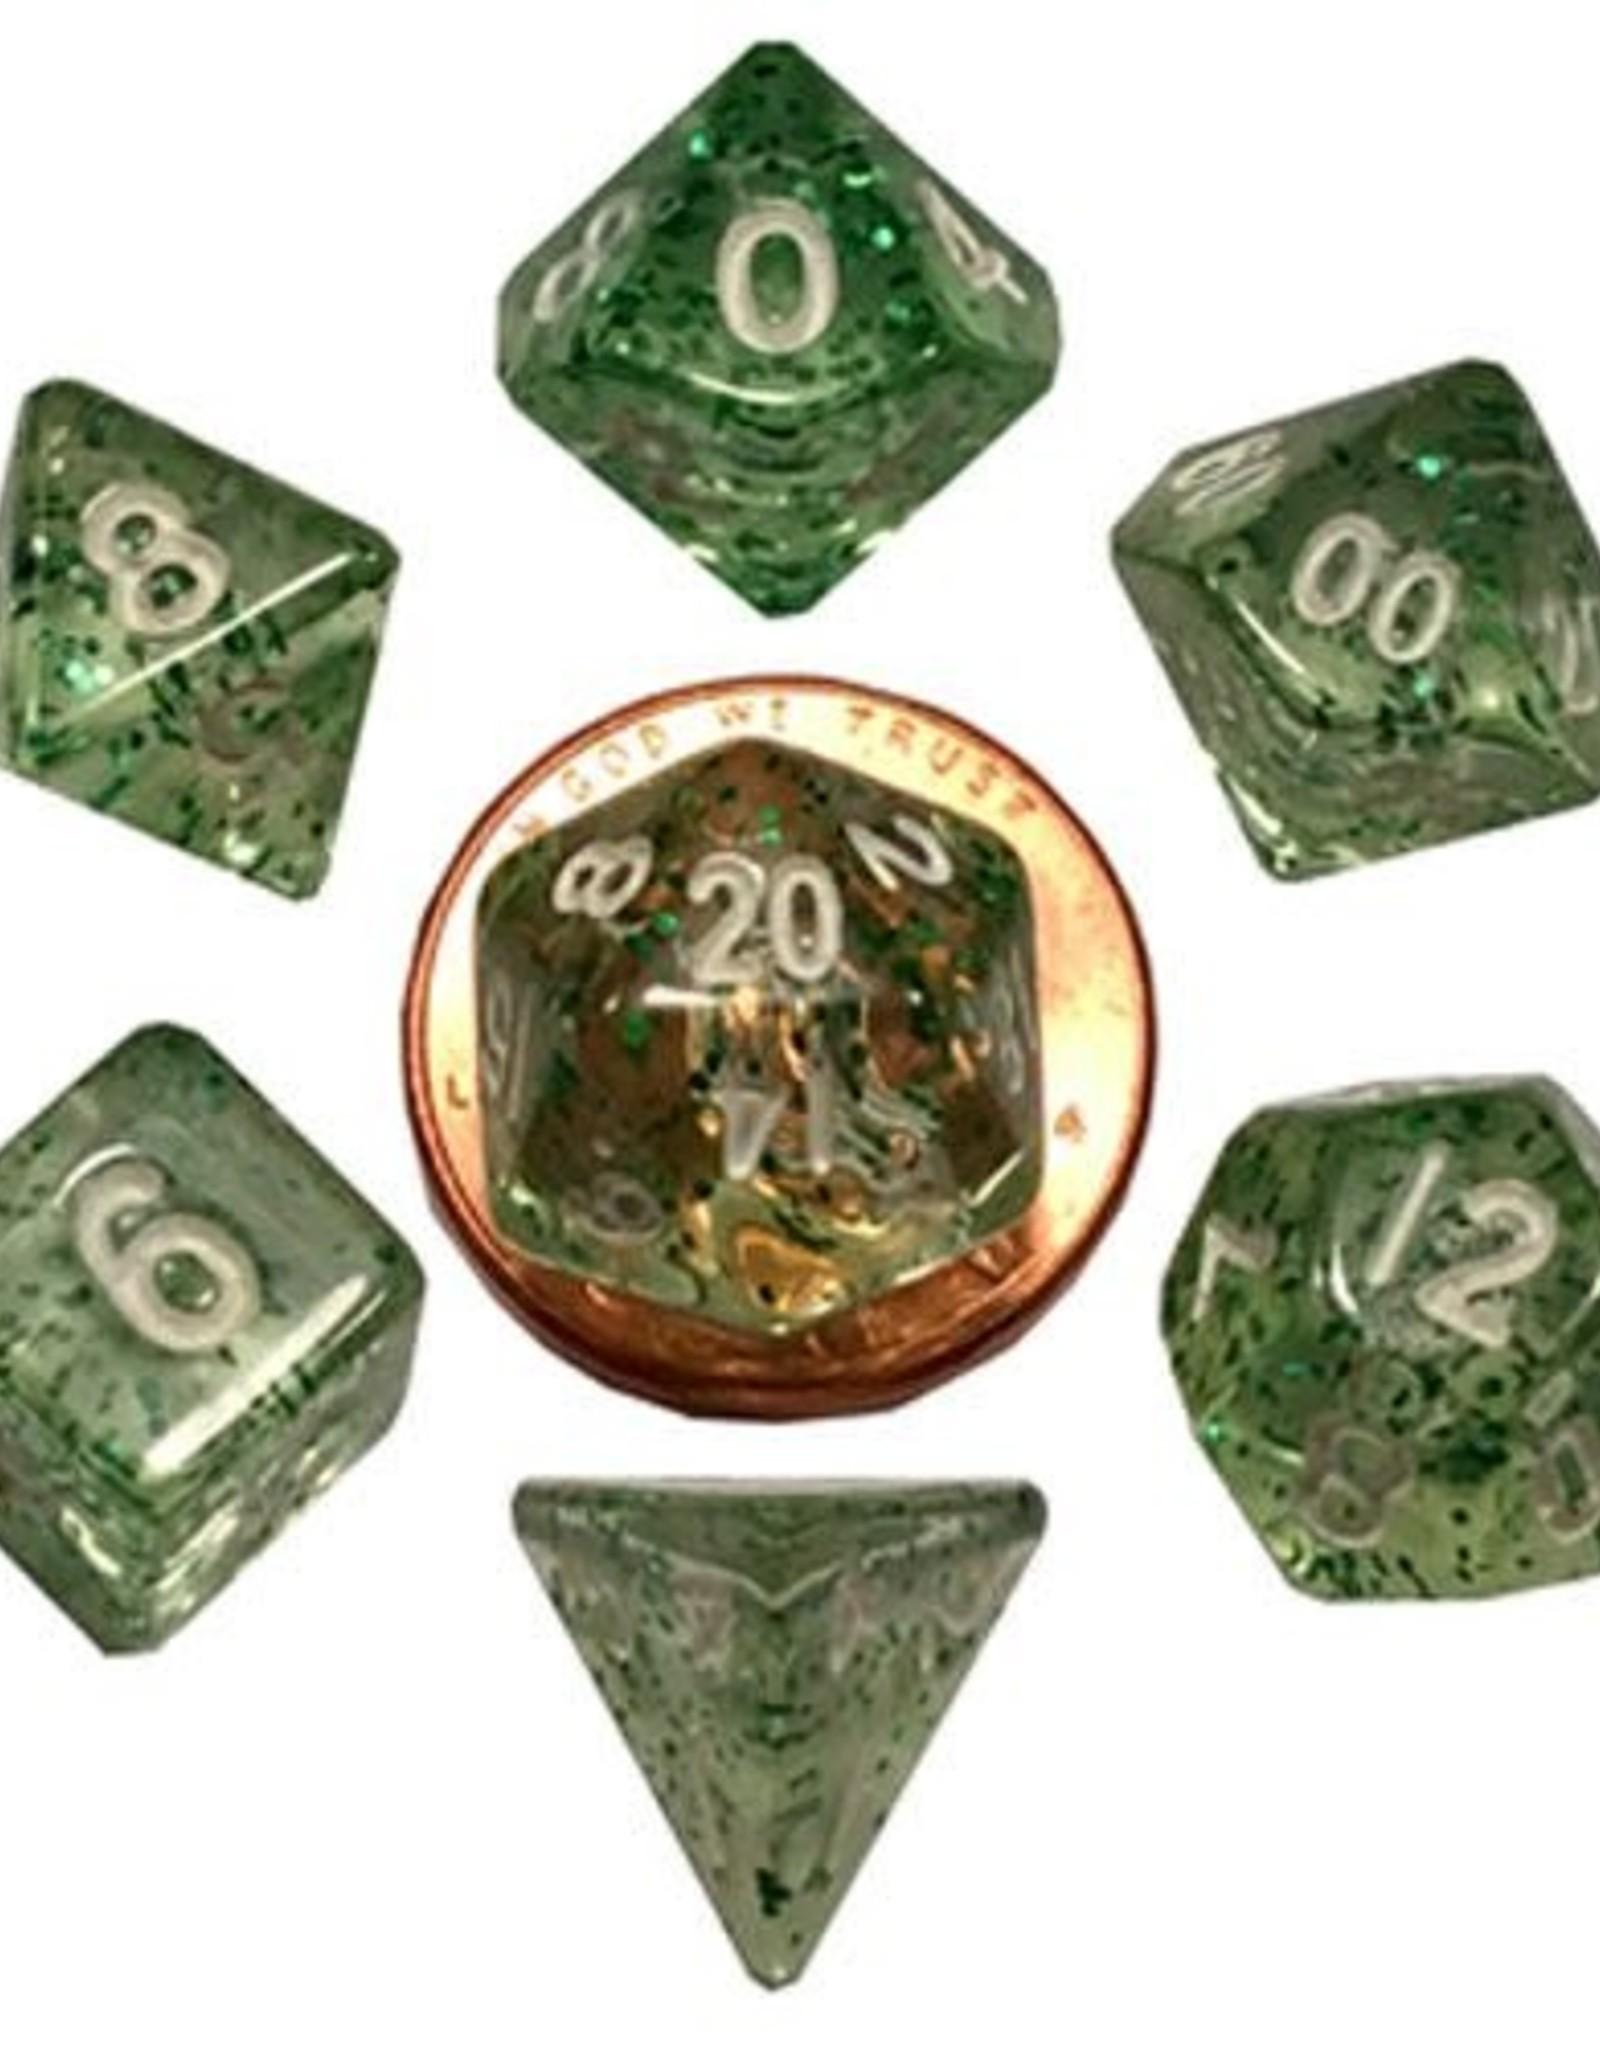 Metallic Dice Games Mini Dice 7ct. - Ether Green w/White